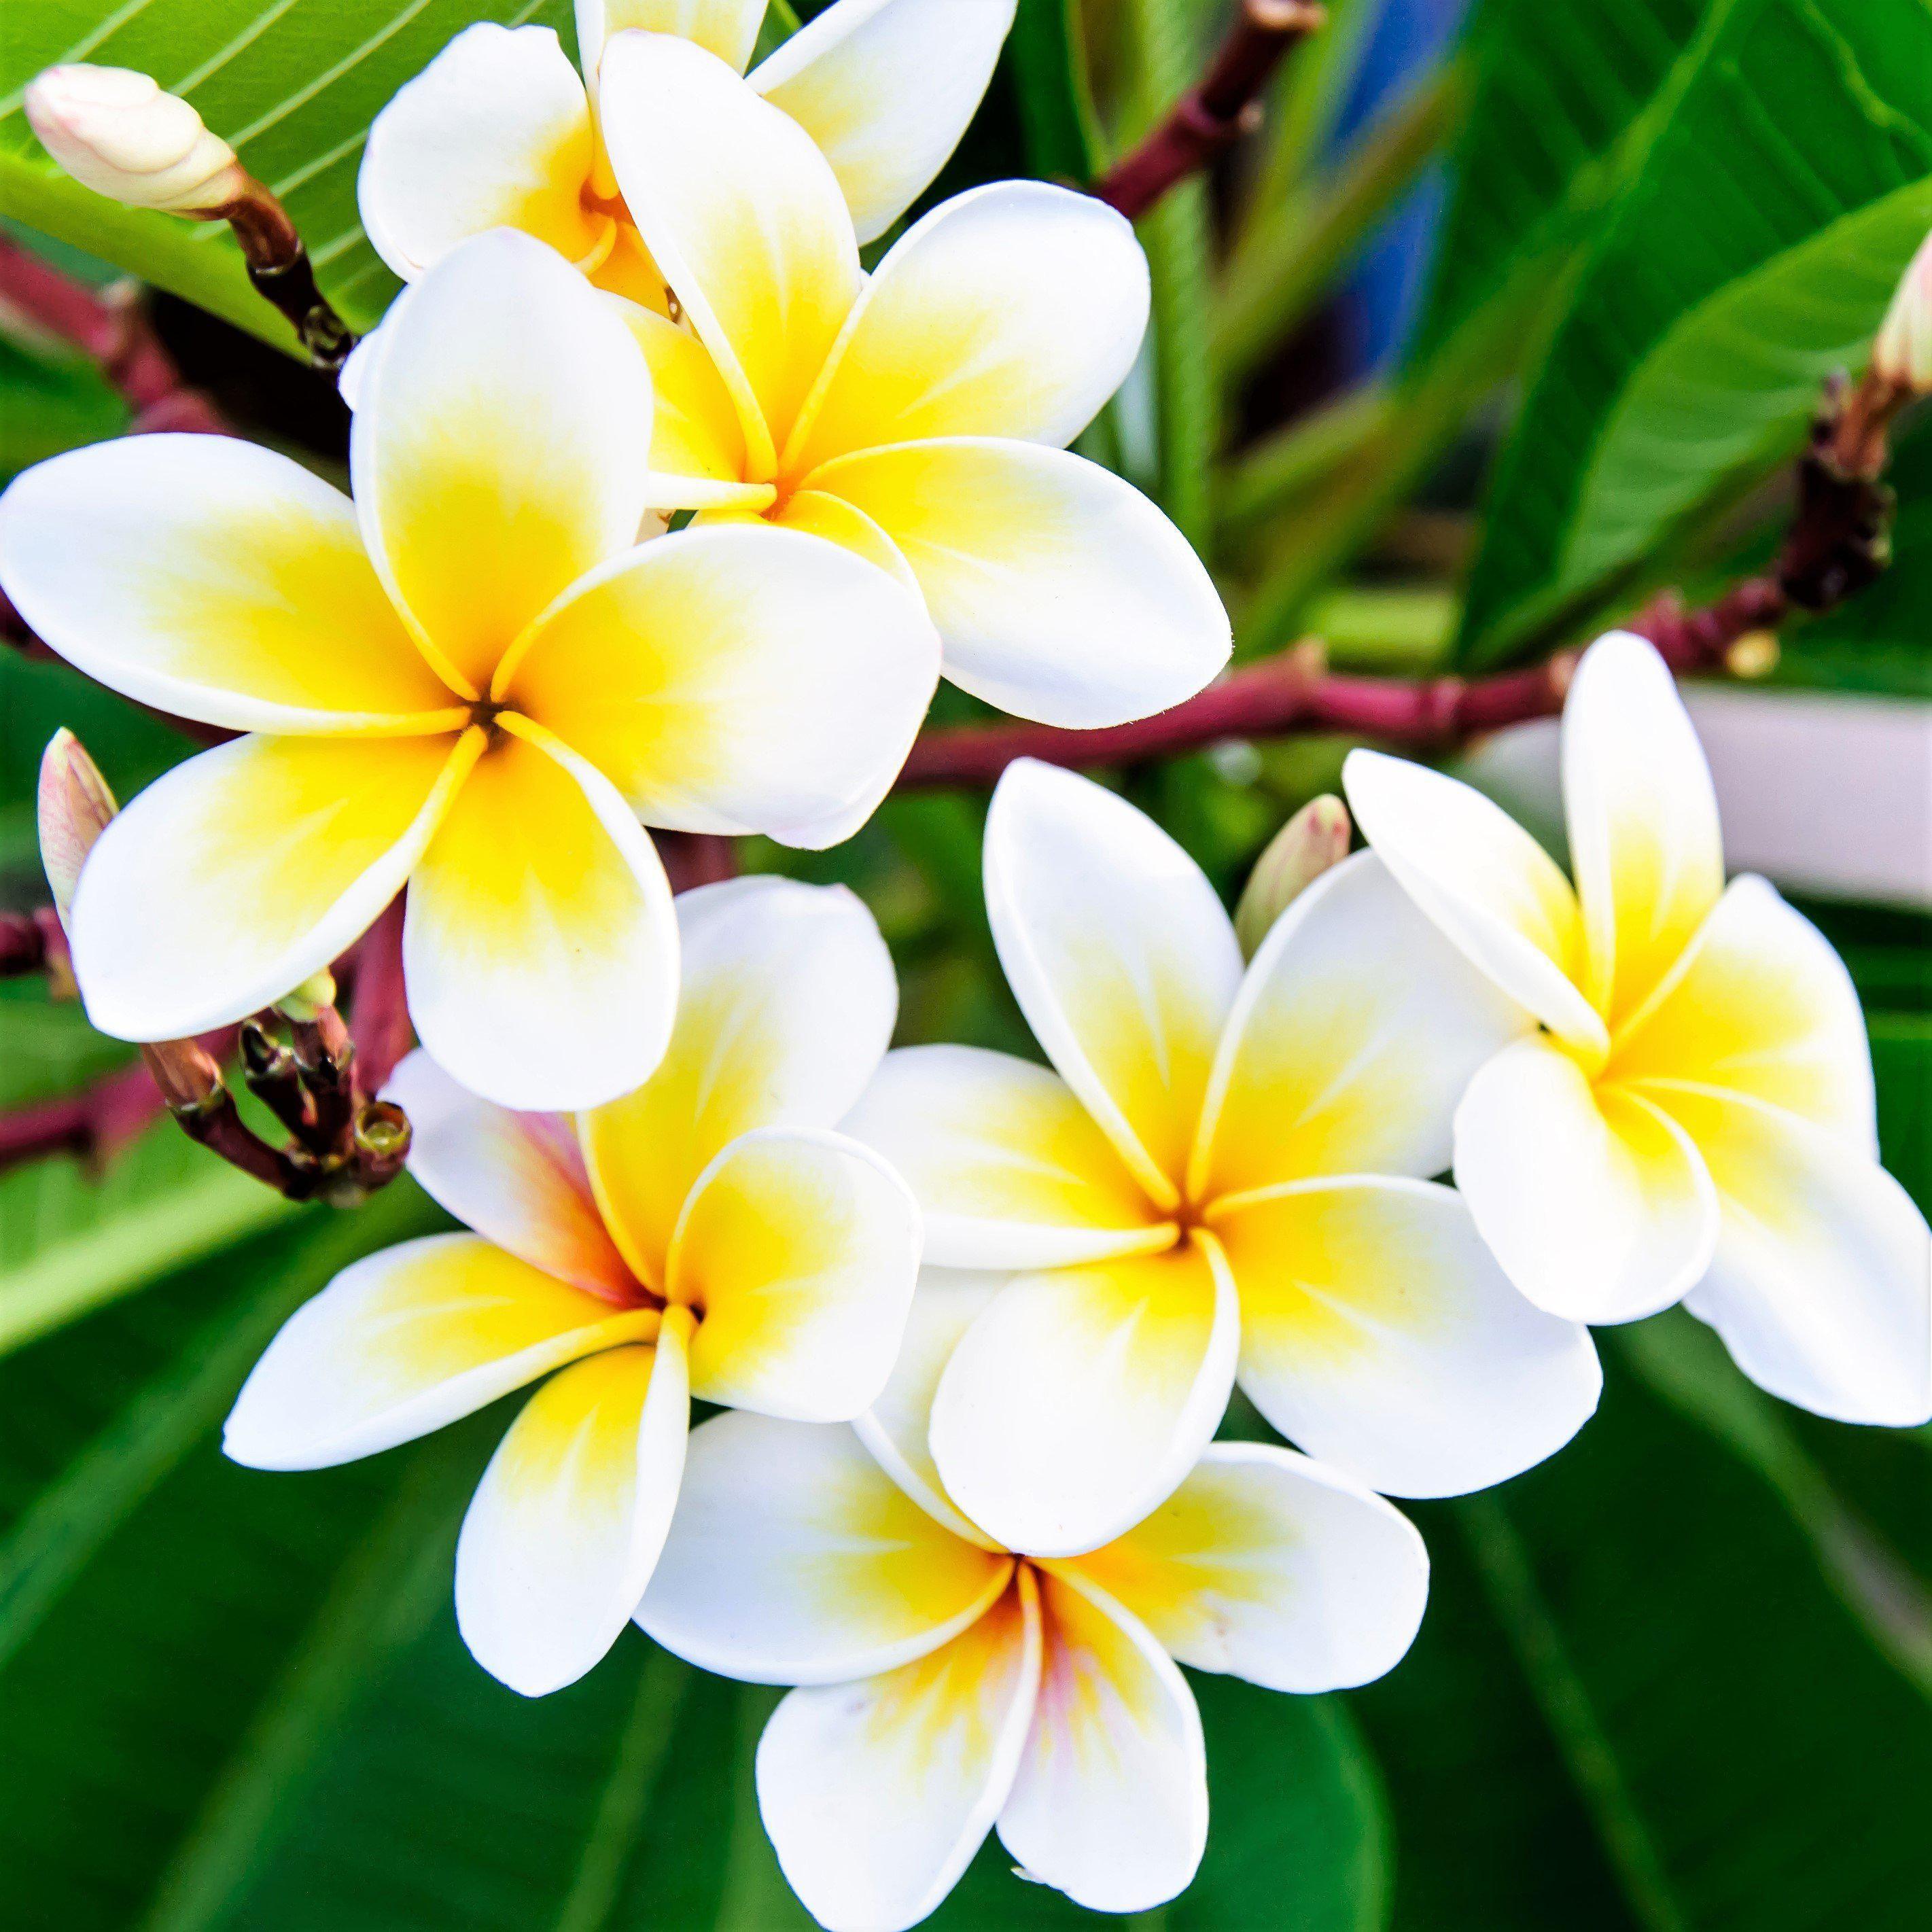 Allium Ampeloprasum In 2020 Flower Pots Fragrant Plant Plumeria Flowers